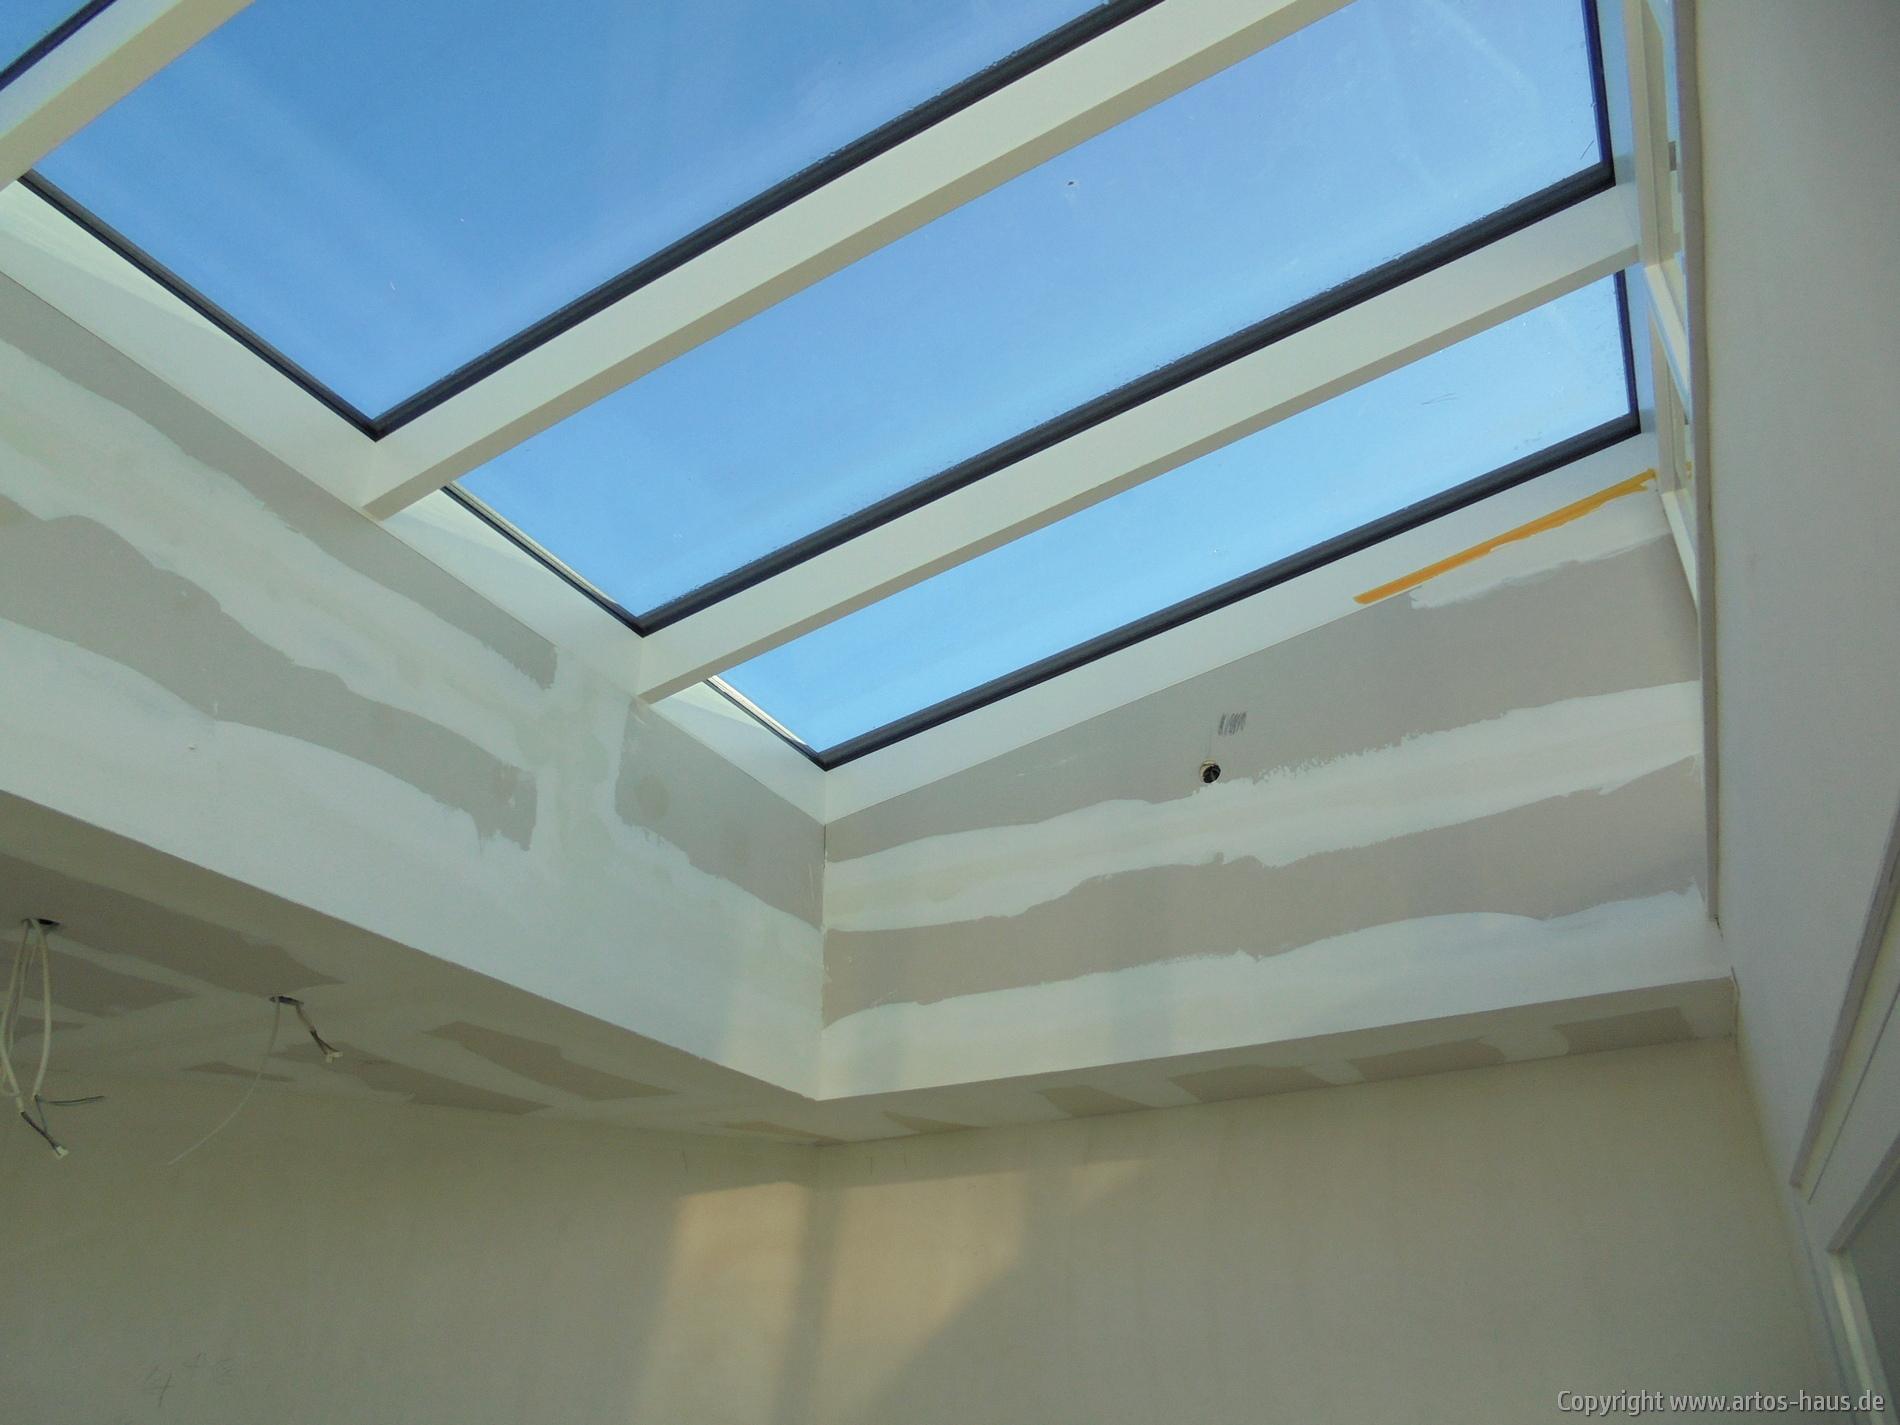 Verkleidung der Flachdachfenster | Bauvorhaben ARTOS HAUS | Bild 1